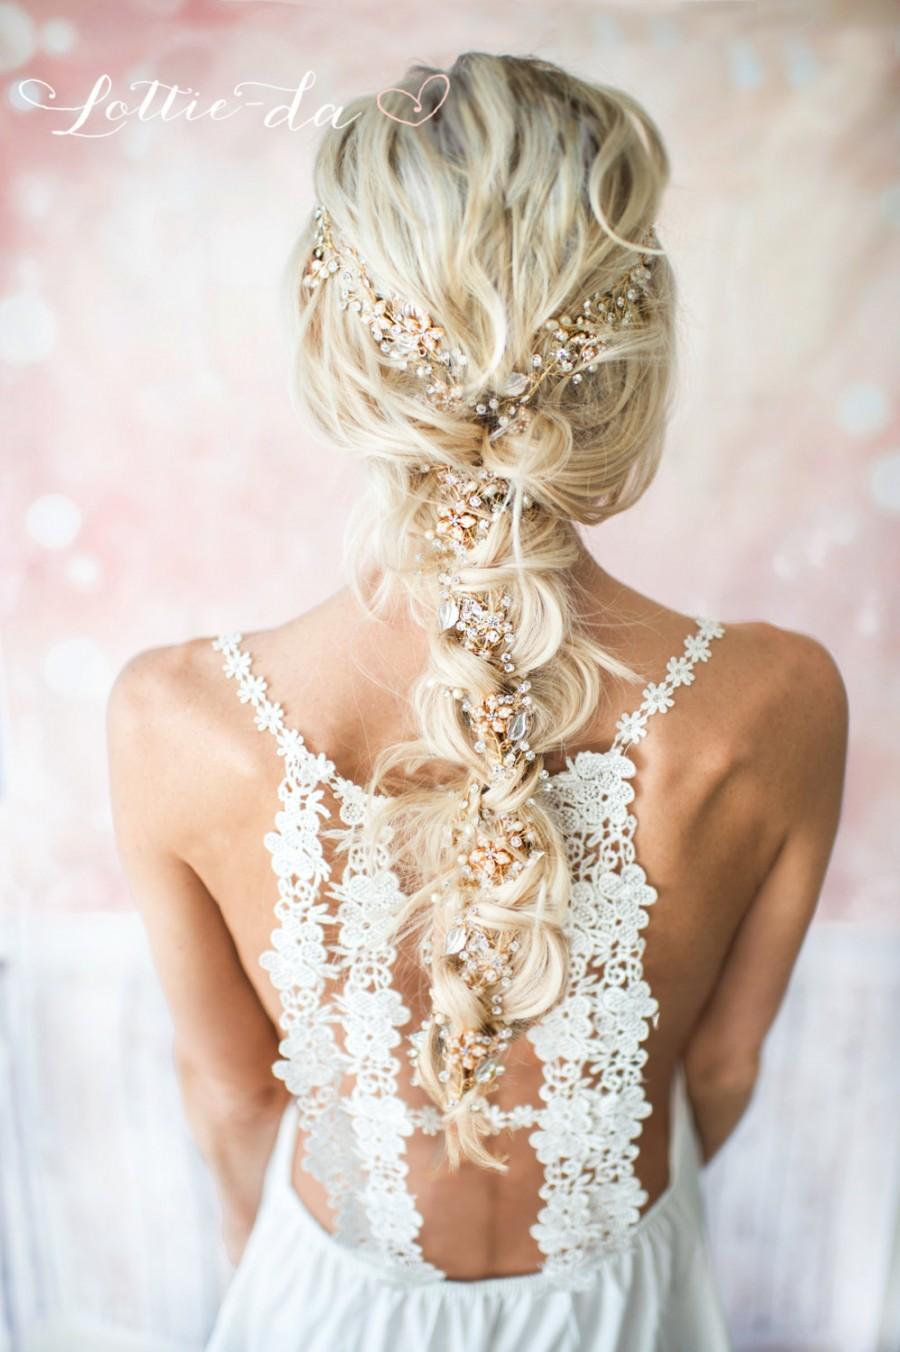 Mariage - Extra Long Gold Hair Vine Wedding Headpiece, Bridal Hair Crown, Hair Wreath, Wedding Hair Vine, Boho Headpiece - 'VIOLETTA EXTRA LONG'